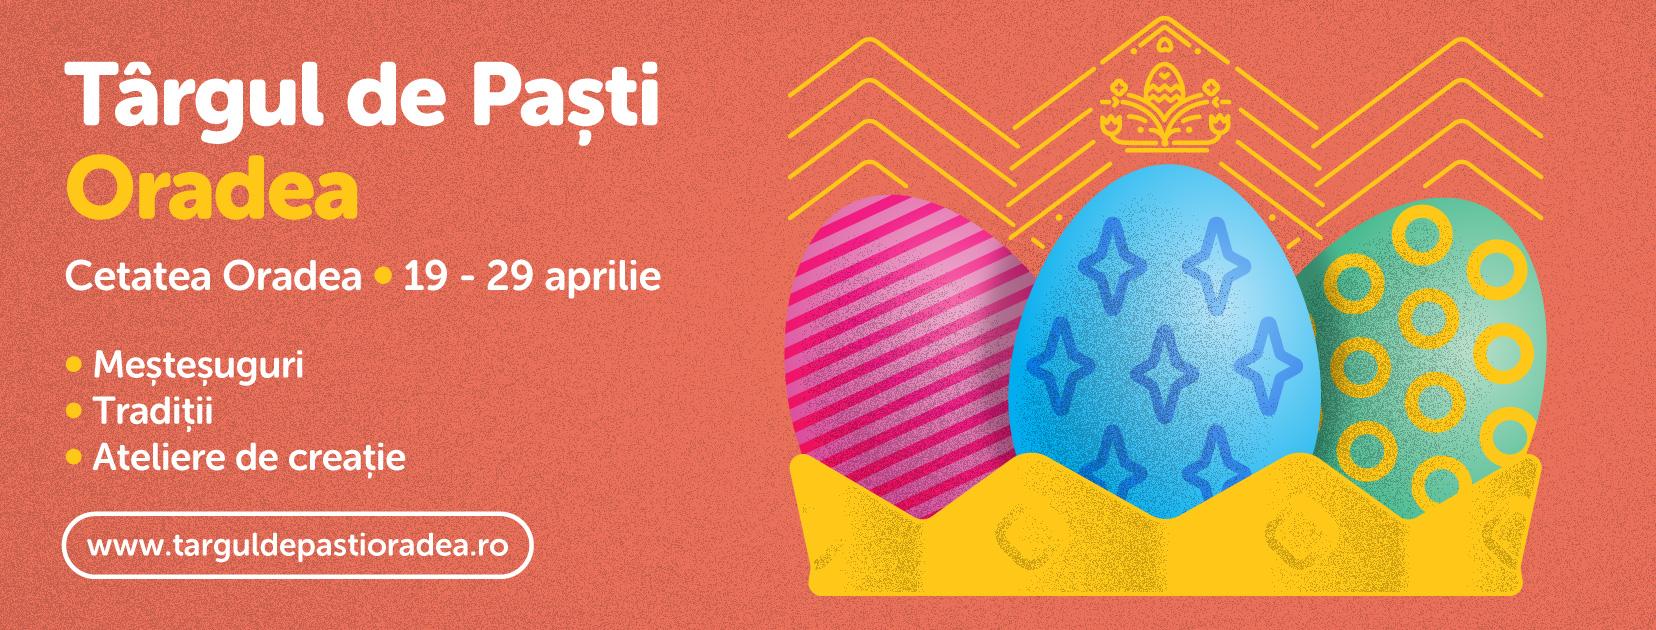 Targul de Pasti Oradea 2019 cover